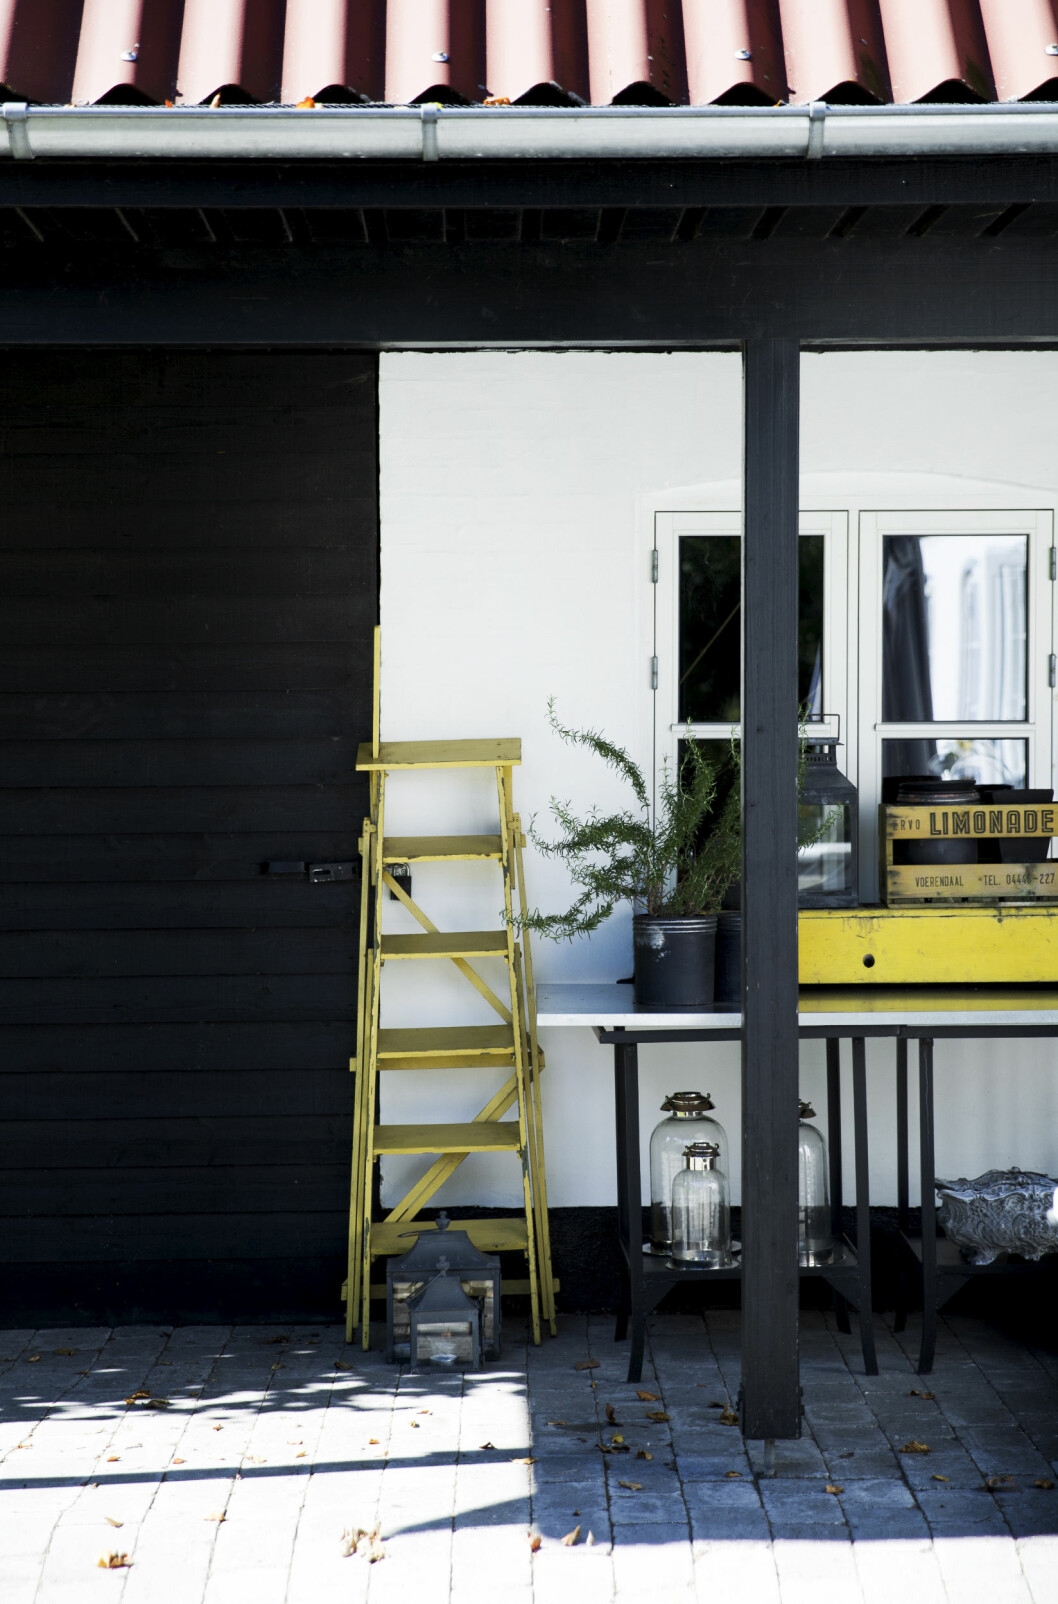 GULE DETALJER: Allerede utenfor huset blir du møtt av glade, solgule detaljer som binder hagen sammen med interiøret.  Foto: Tia Borgsmidt